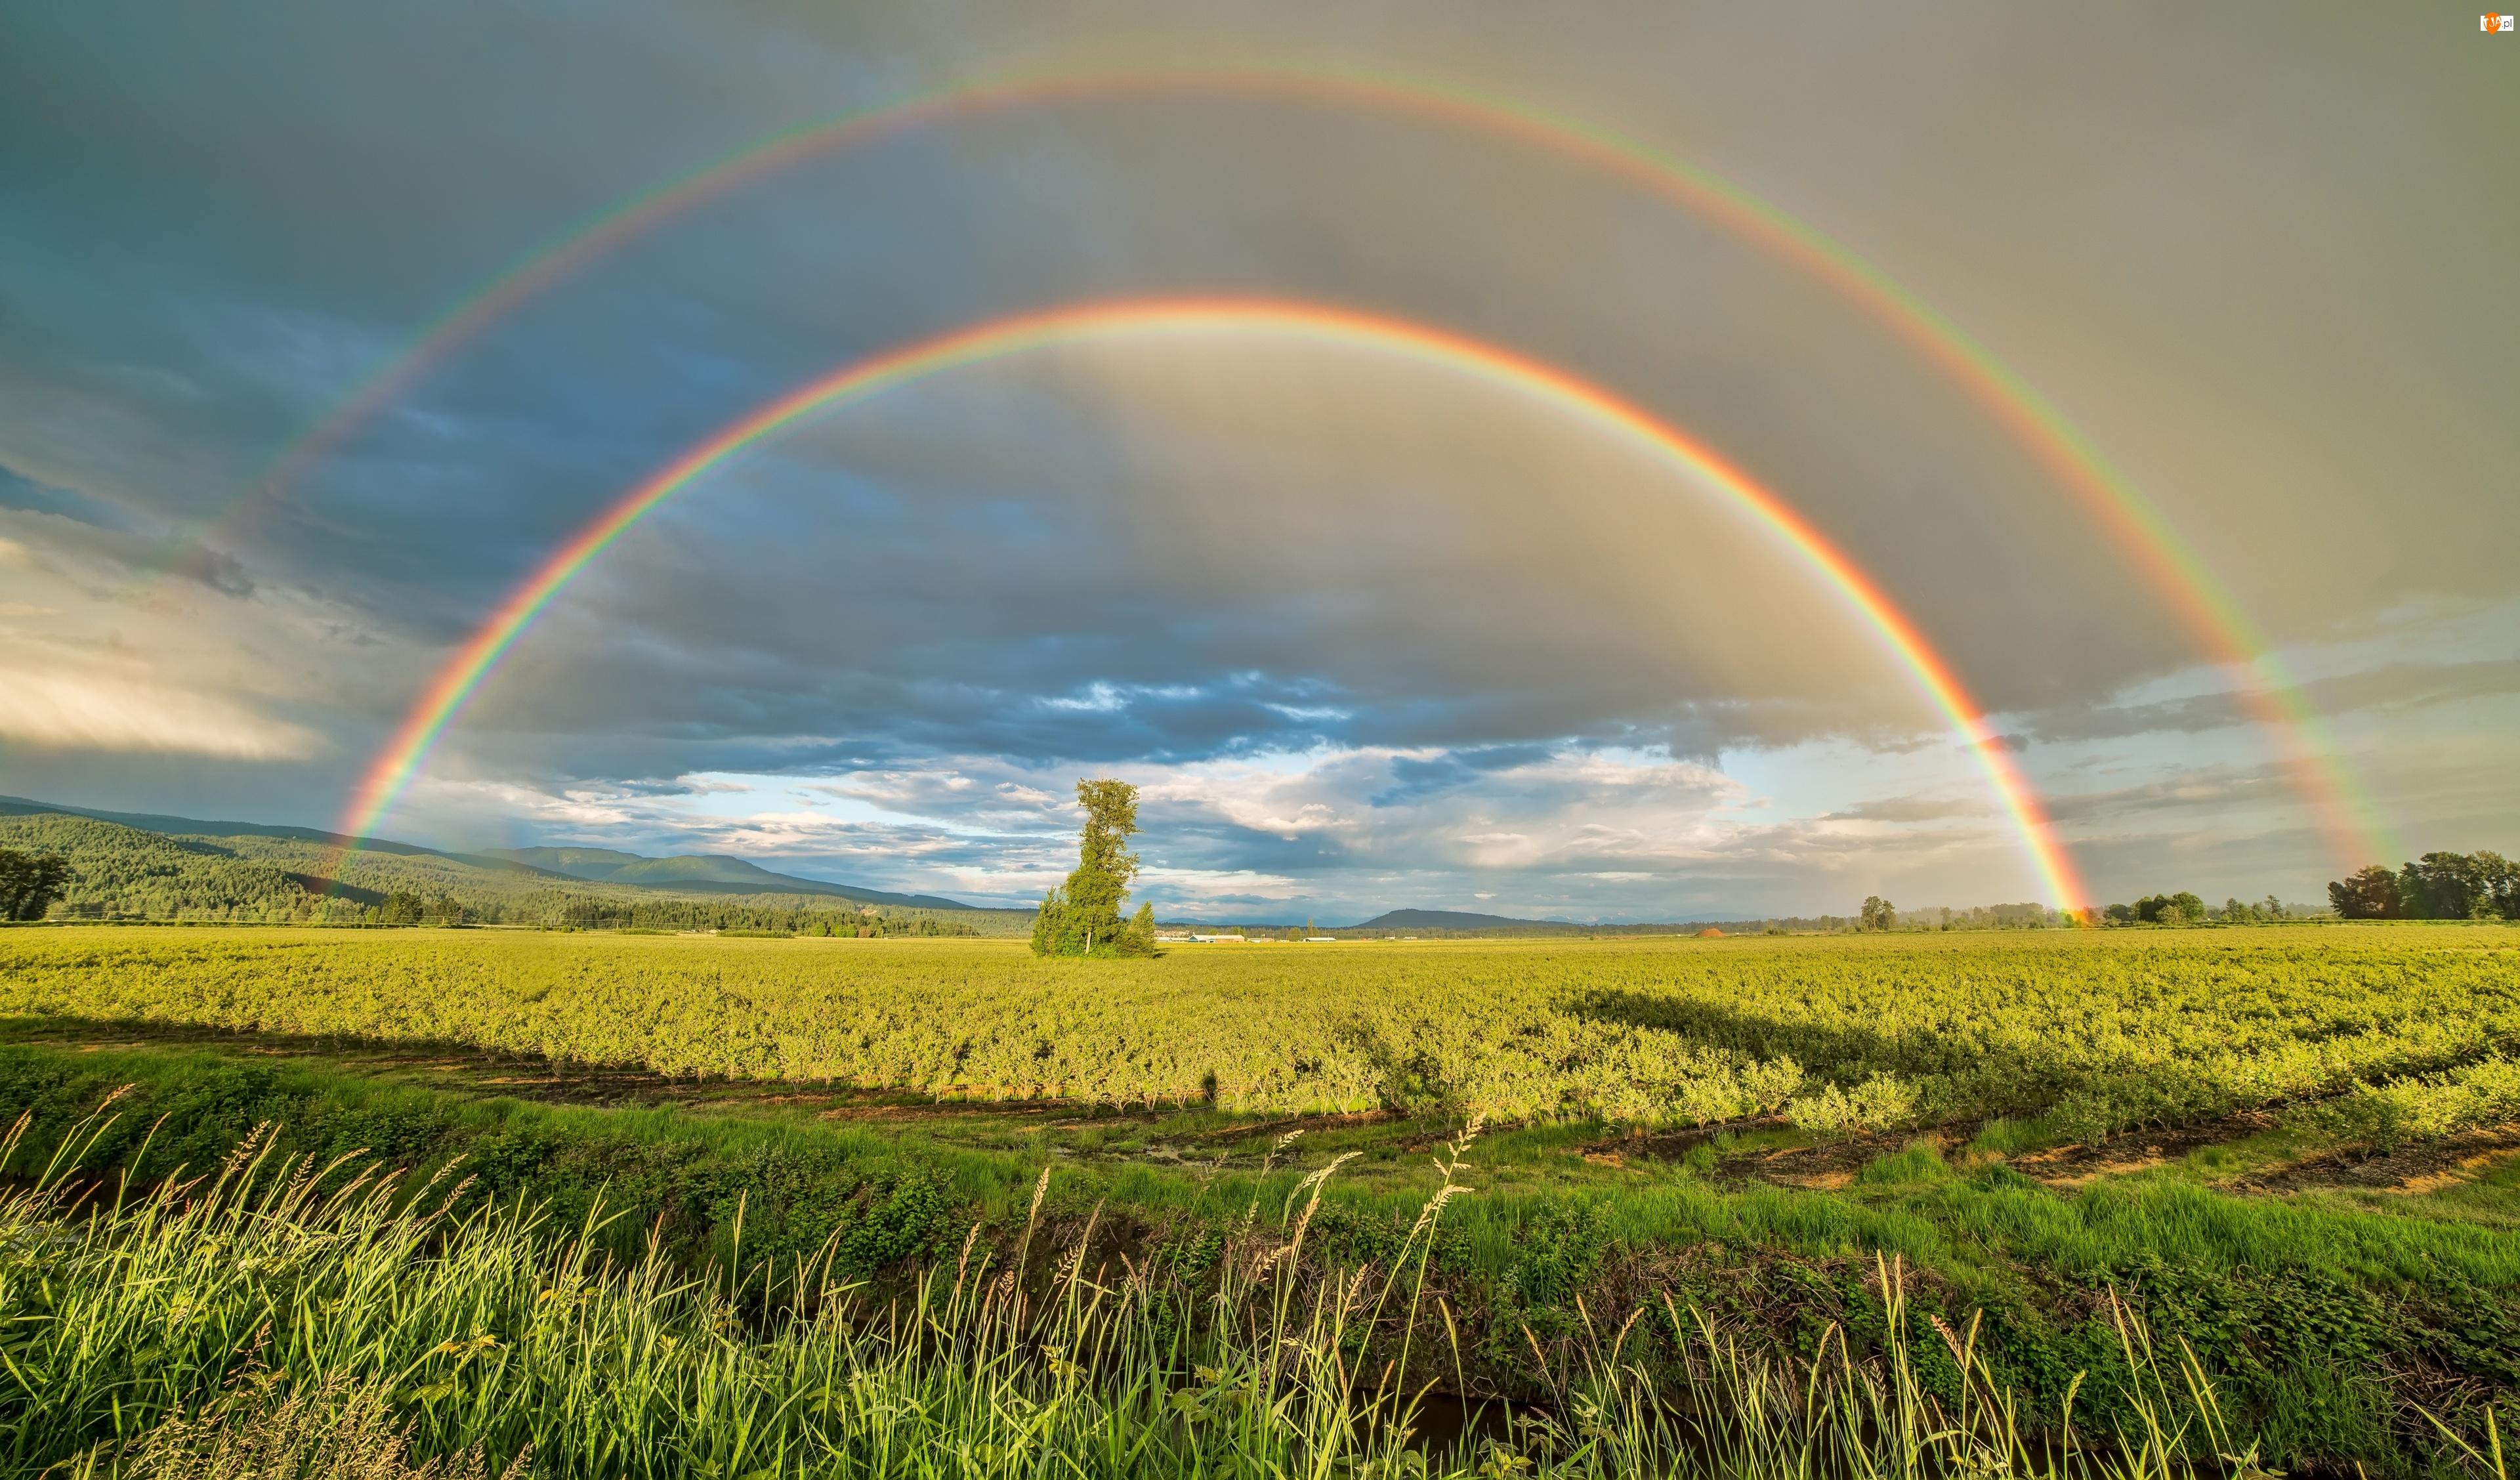 Pitt Meadows, Pola, Niebo, Kolumbia Brytyjska, Zieleń, Lato, Kanada, Tęcza